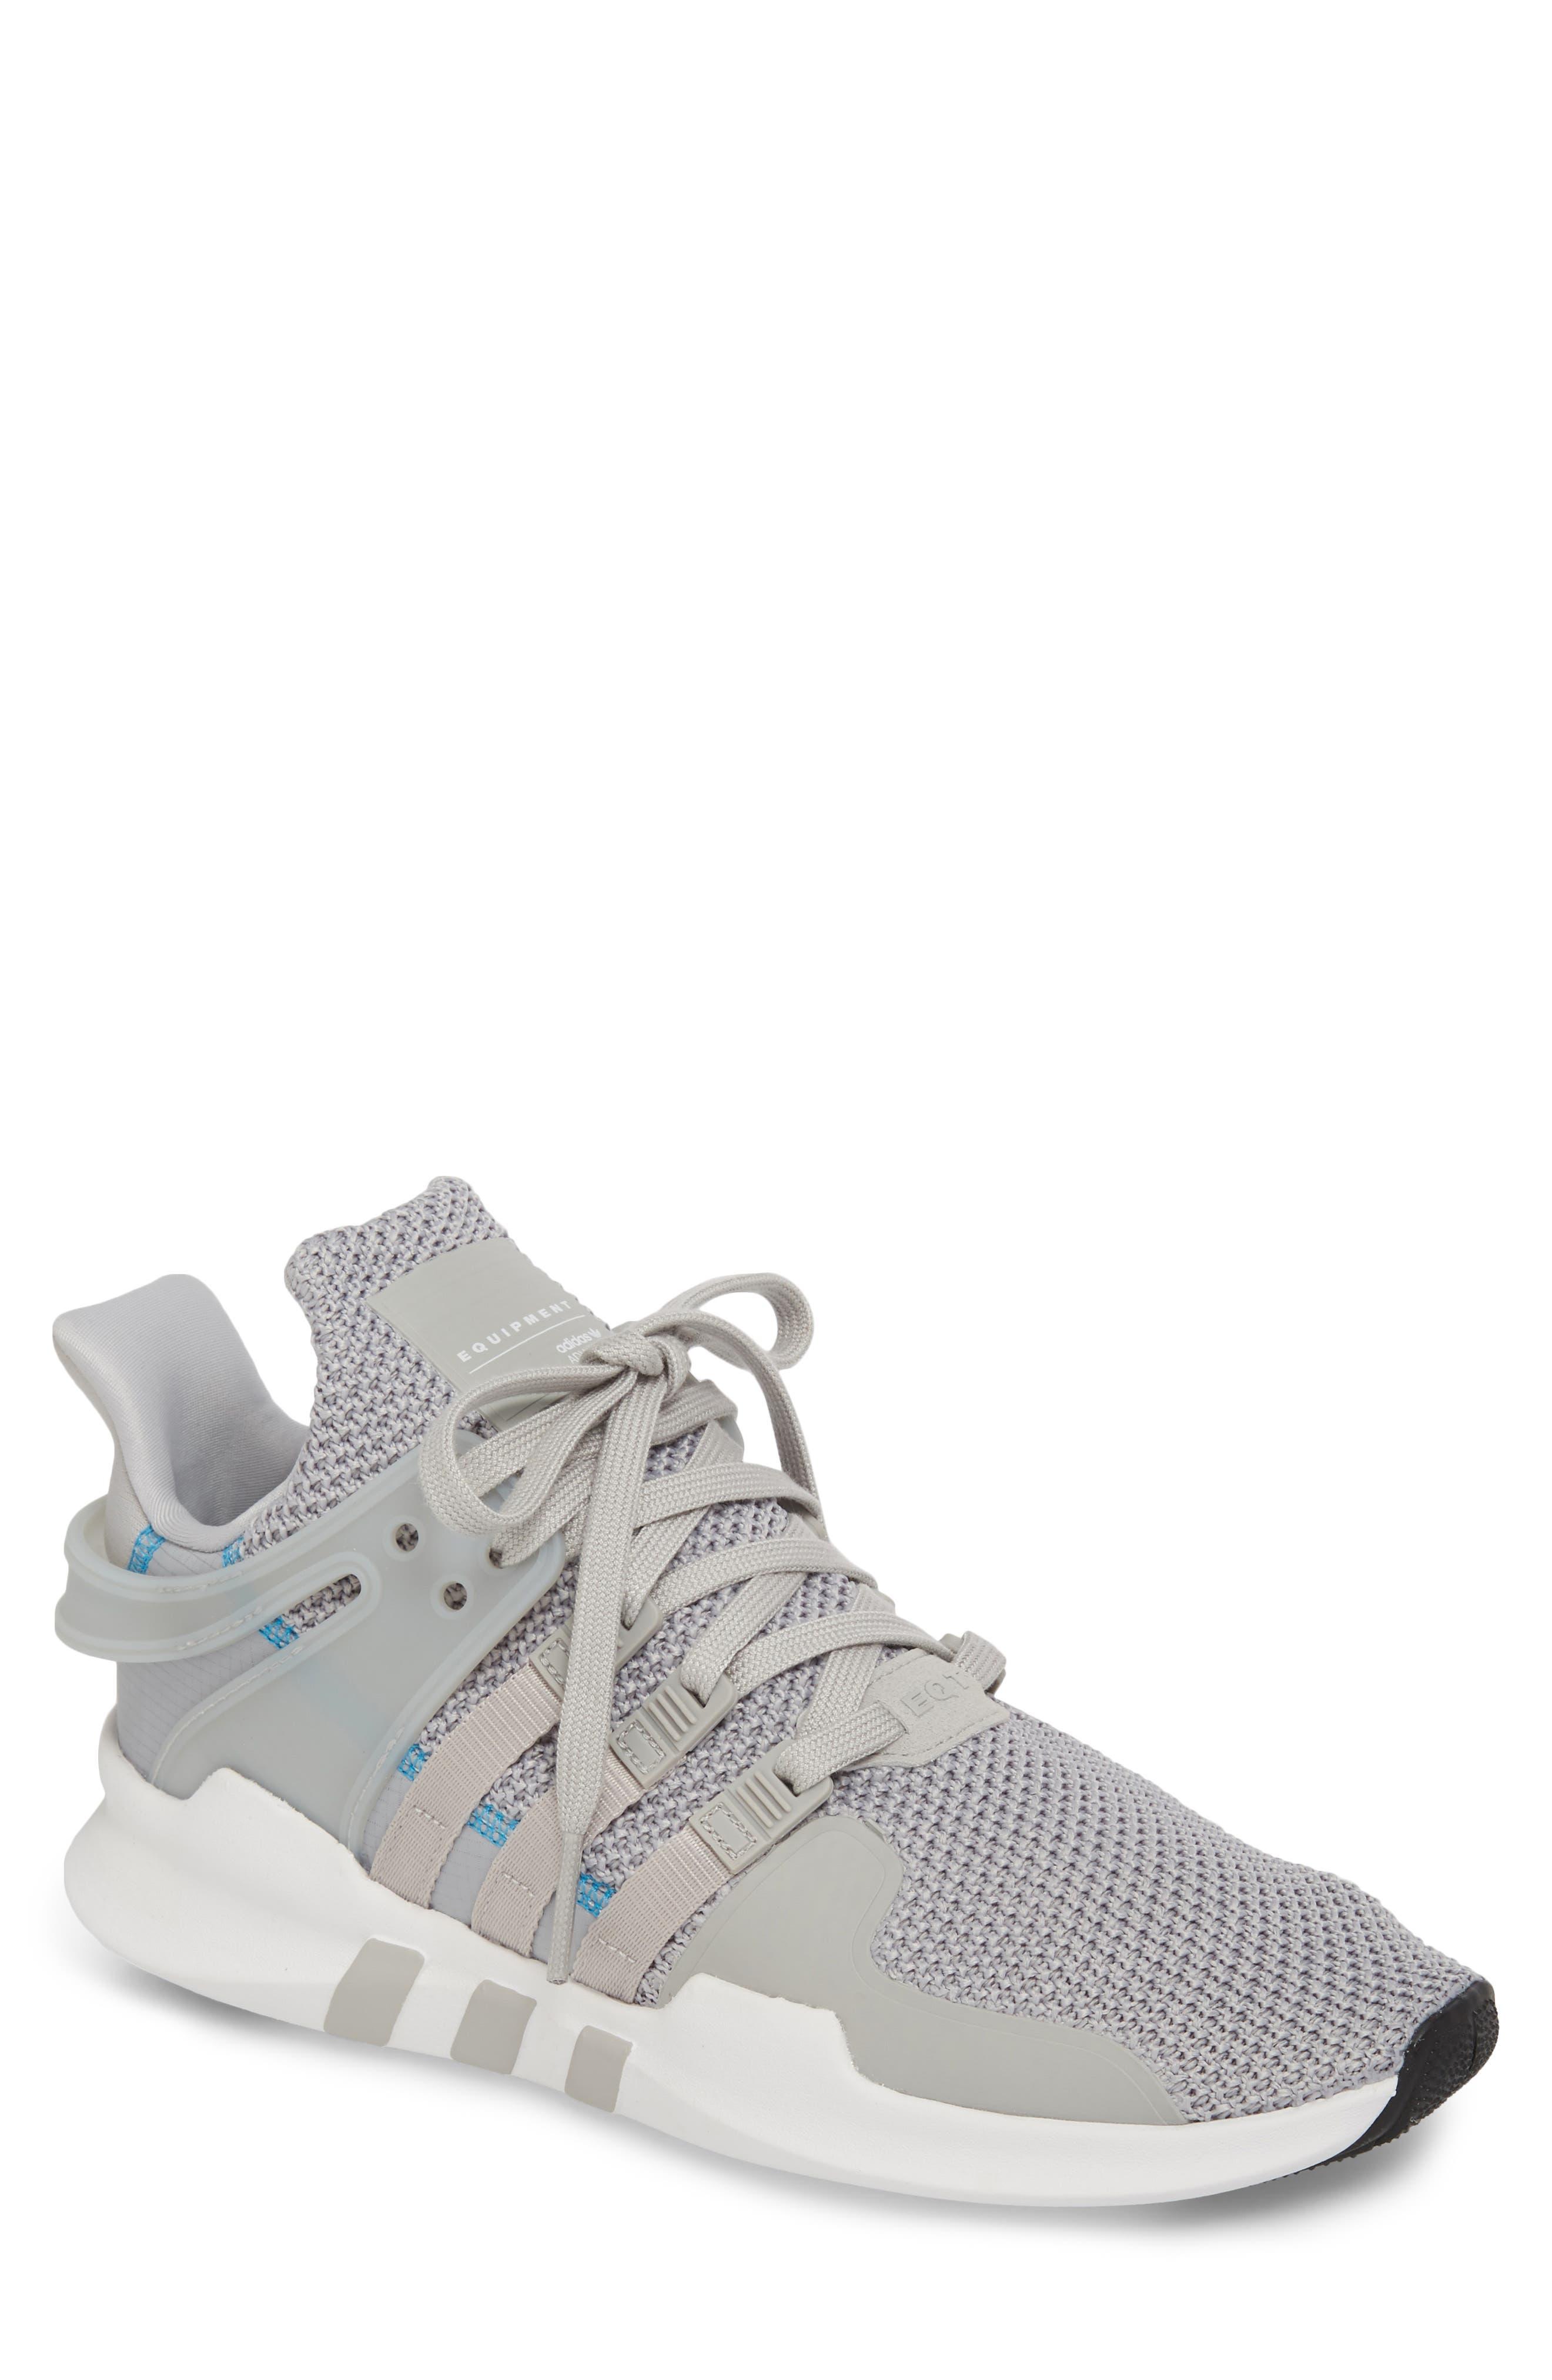 EQT Support Adv Sneaker,                         Main,                         color, Grey/ White